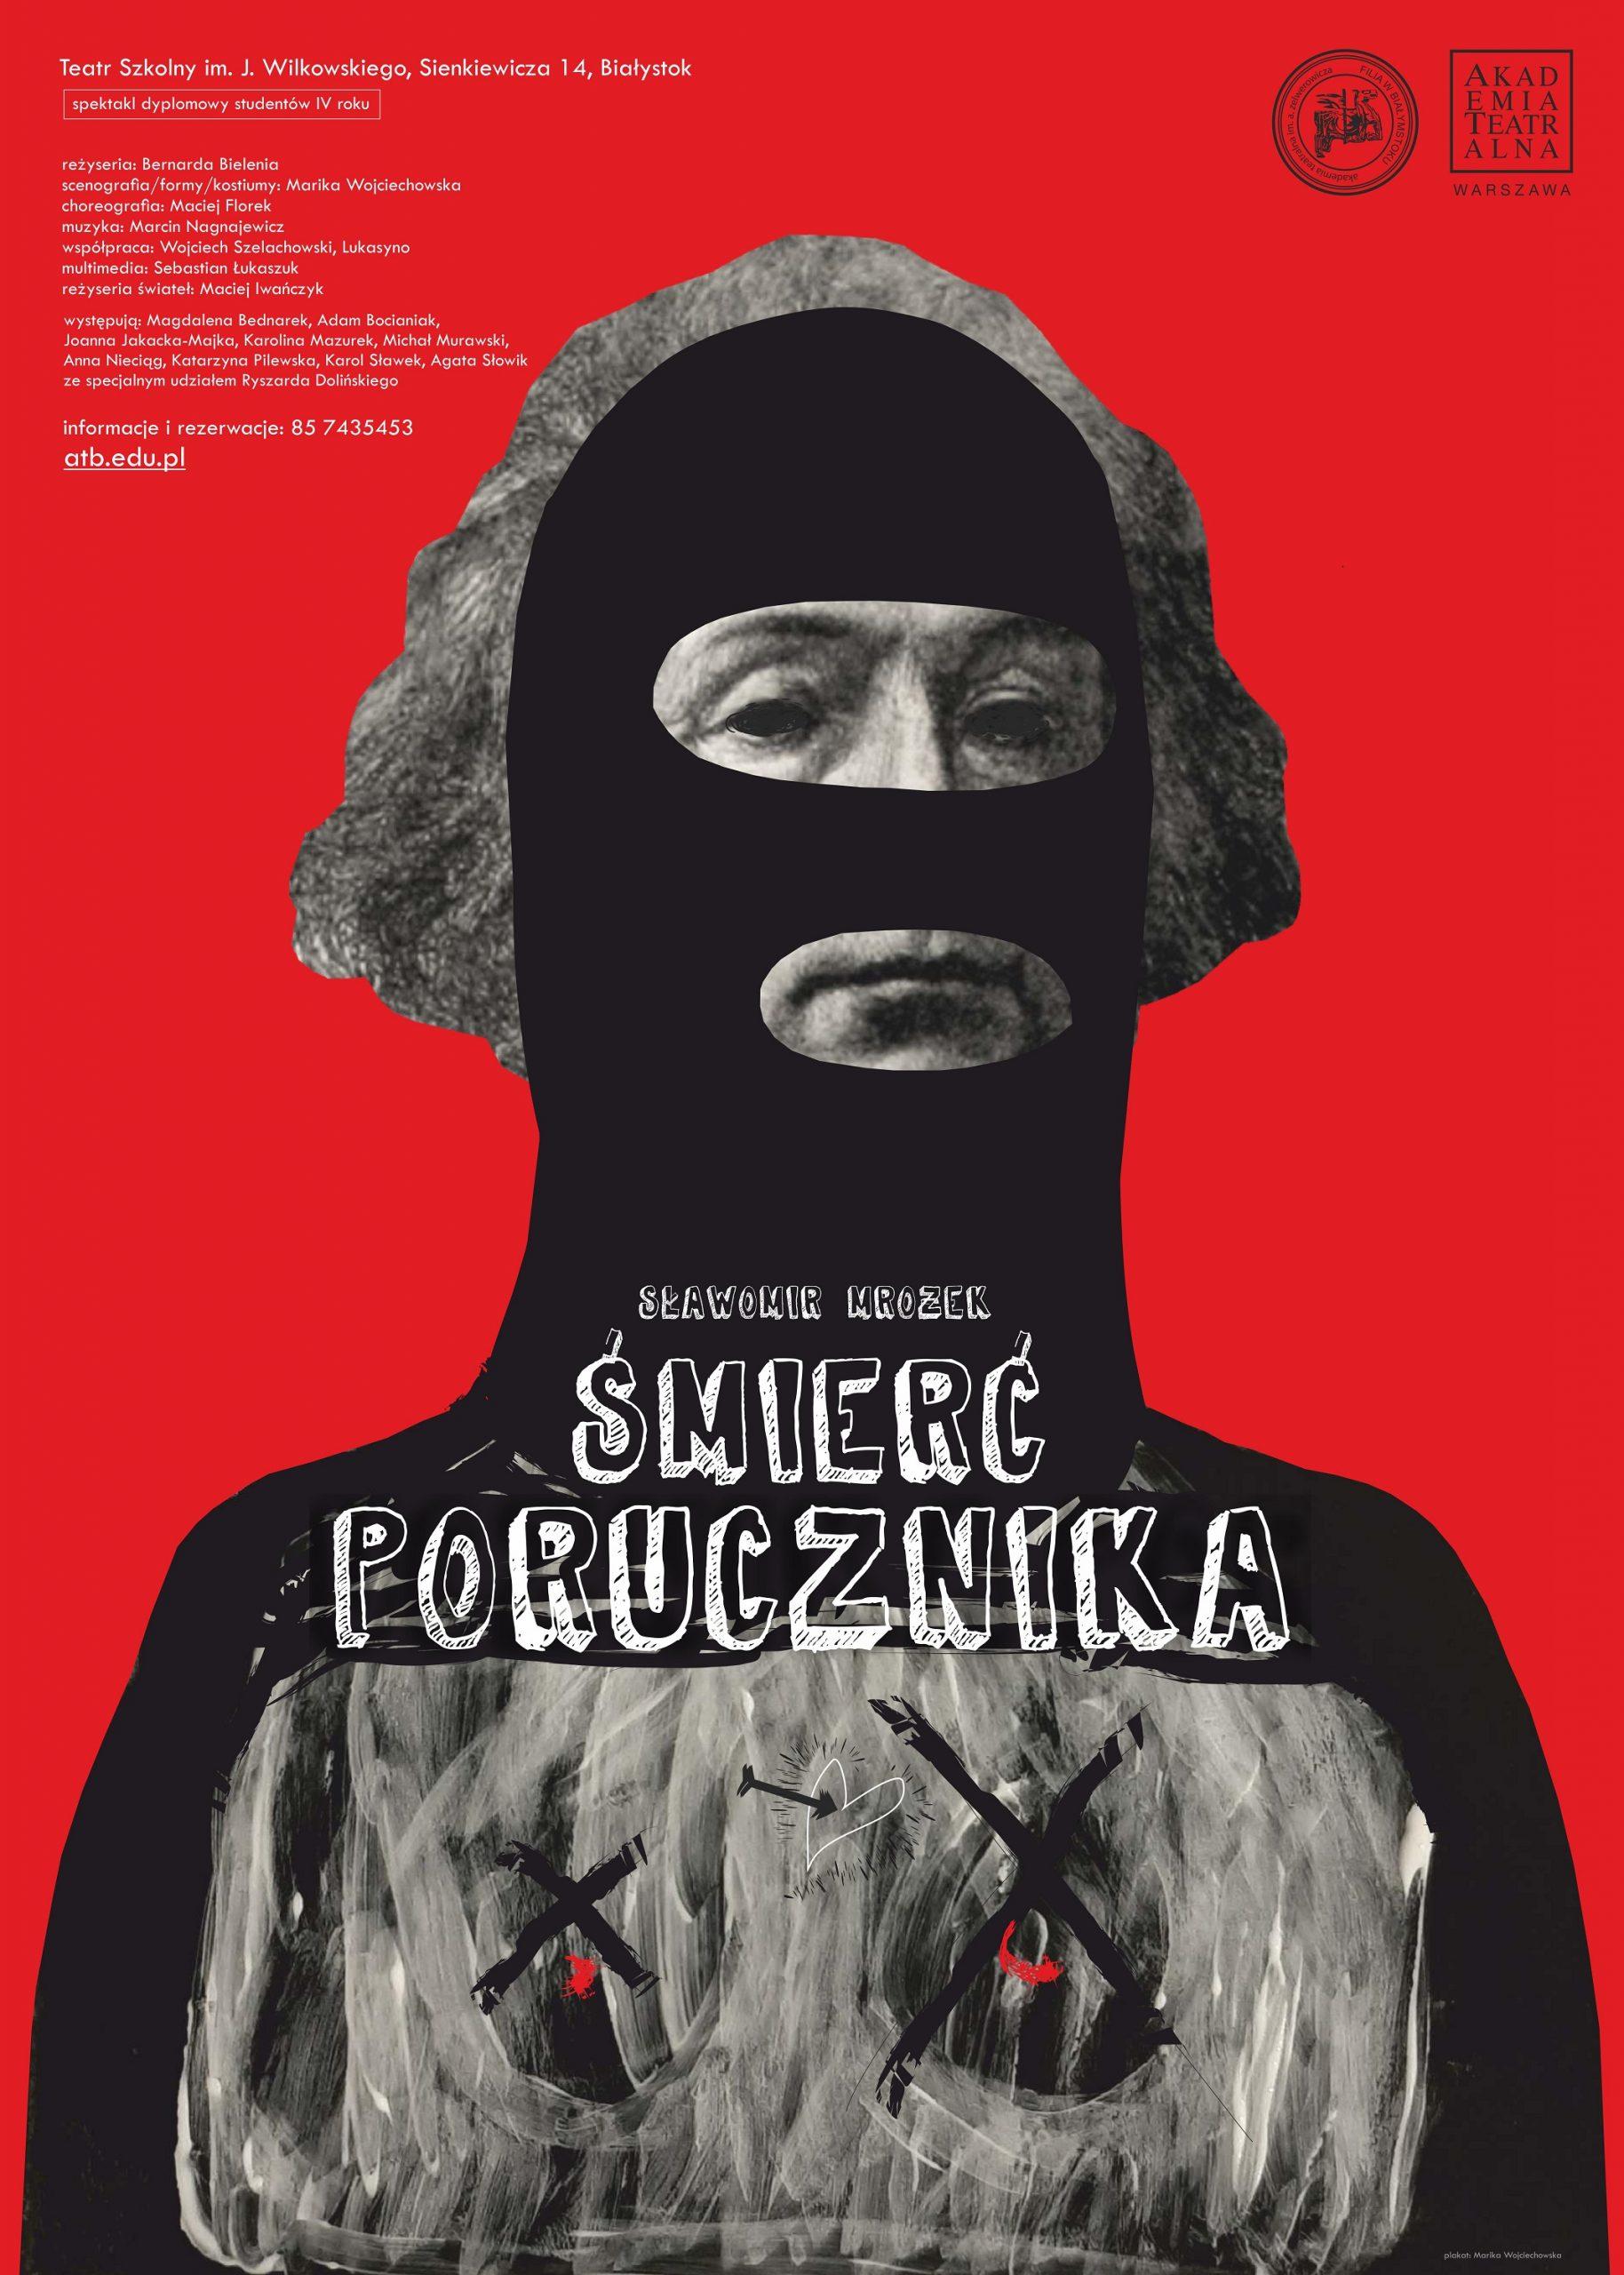 Śmierć porucznika, plakat autorstwa Mariki Wojciechowskiej